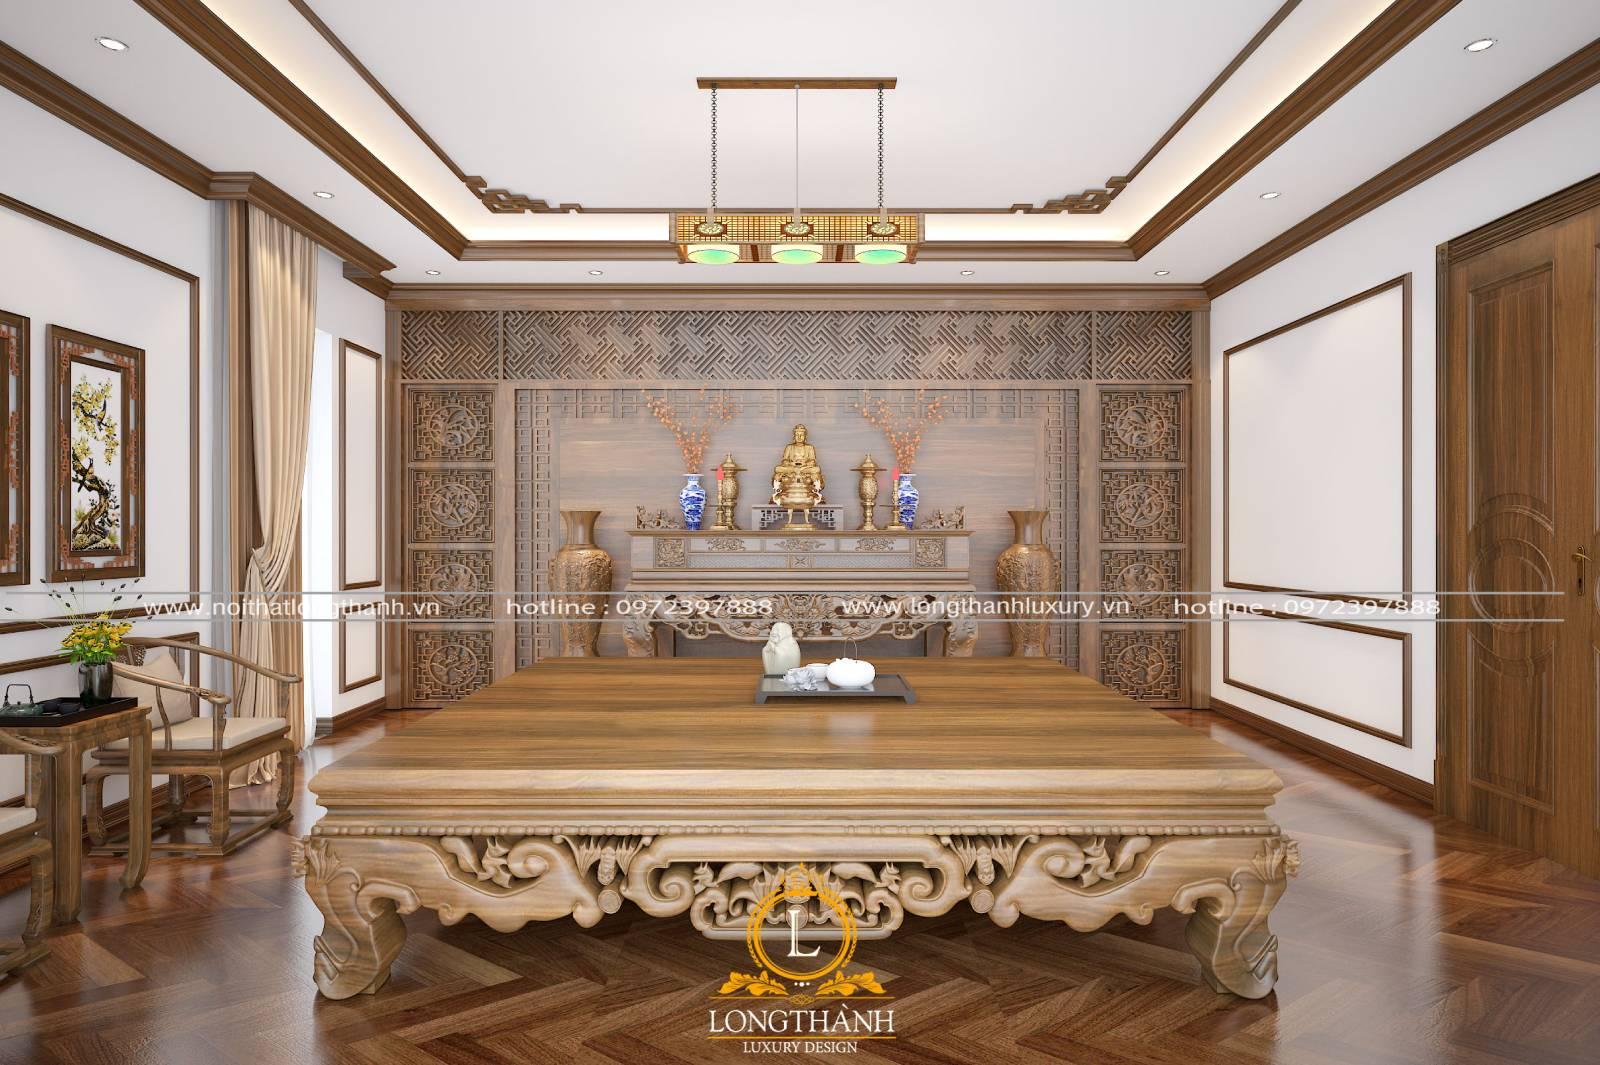 Thiết kế phòng thờ phật tân cổ điển sử dụng chất liệu gỗ Gụ